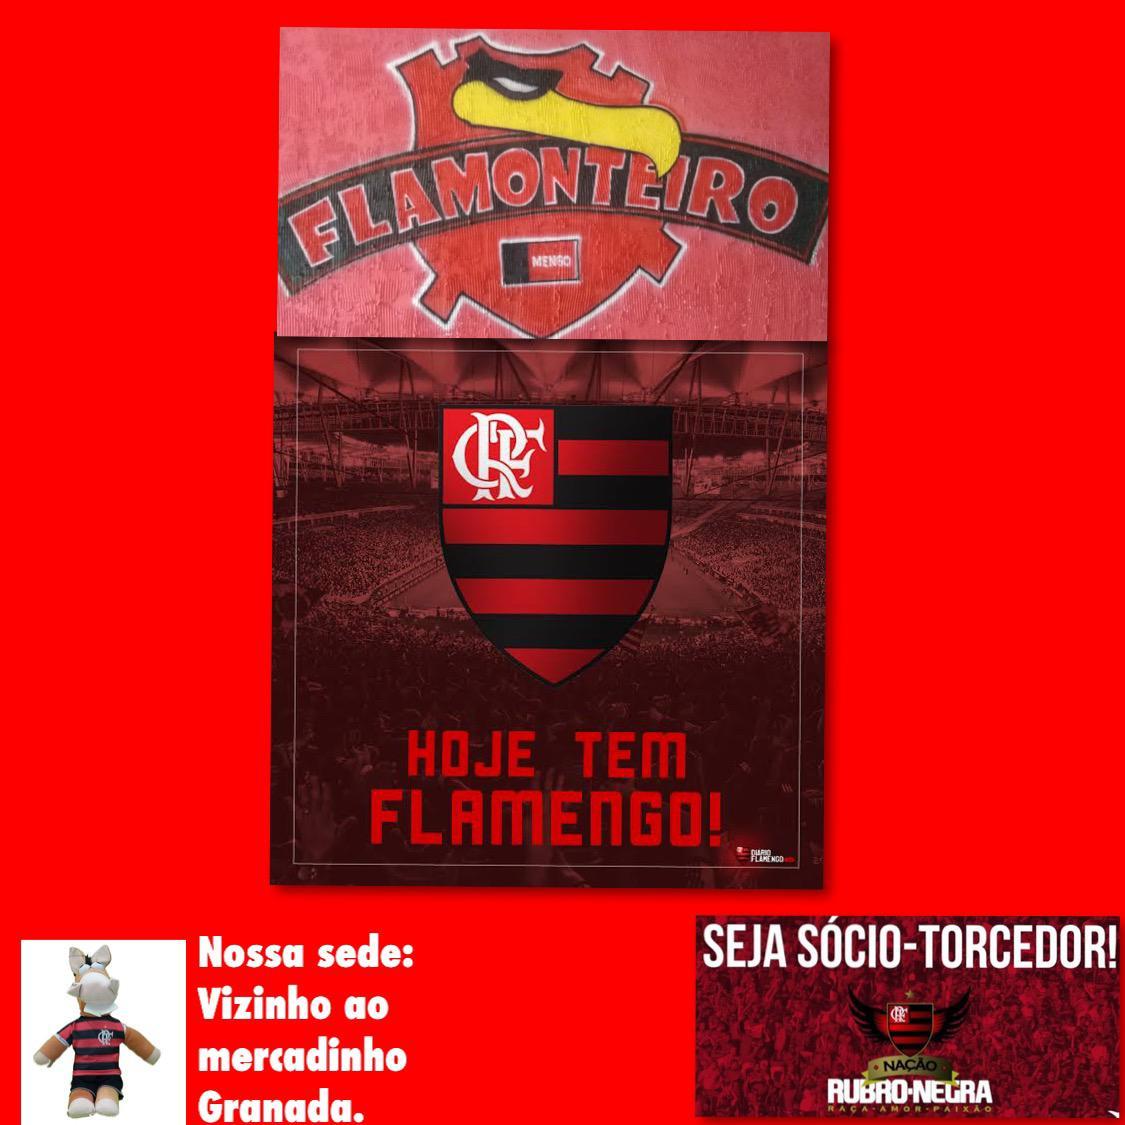 IMG-20190710-WA0004 Hoje tem jogo na sede da maior torcida organizada do Flamengo do Cariri a Fla-Monteiro.